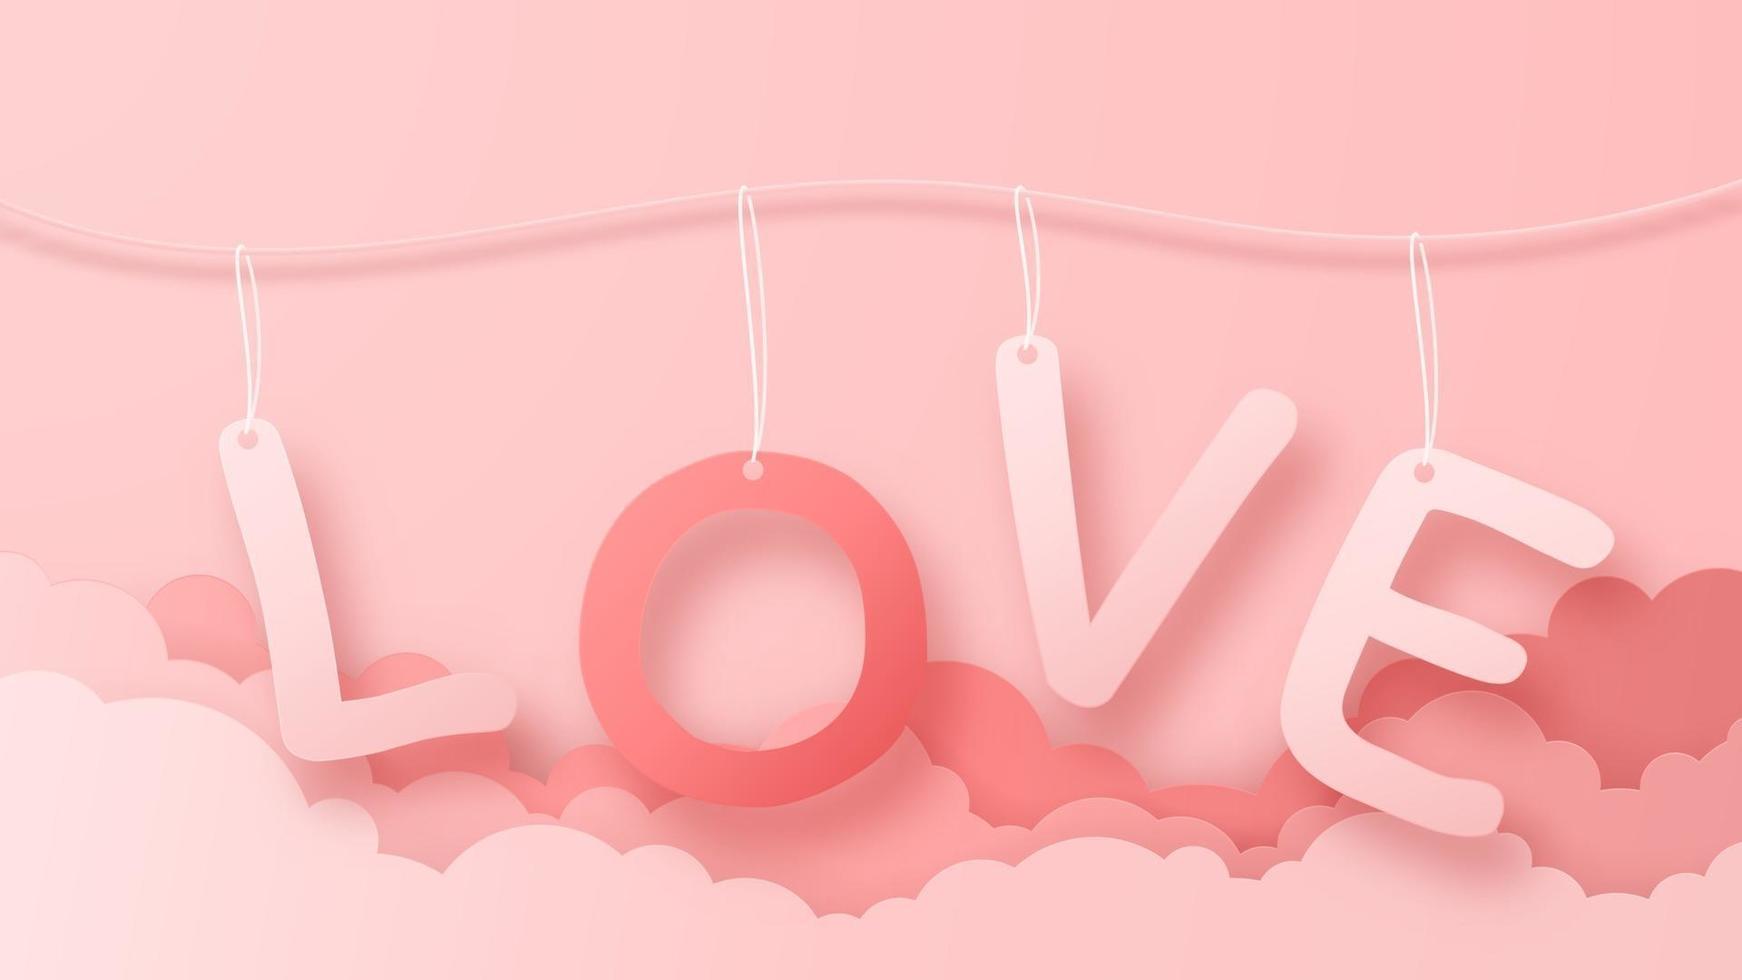 Varm luftballong för origami 3d som flyger med bakgrund för hjärtekärlekstext. kärlek konceptdesign för glad mors dag, alla hjärtans dag, födelsedag. vektor papper konst illustration.